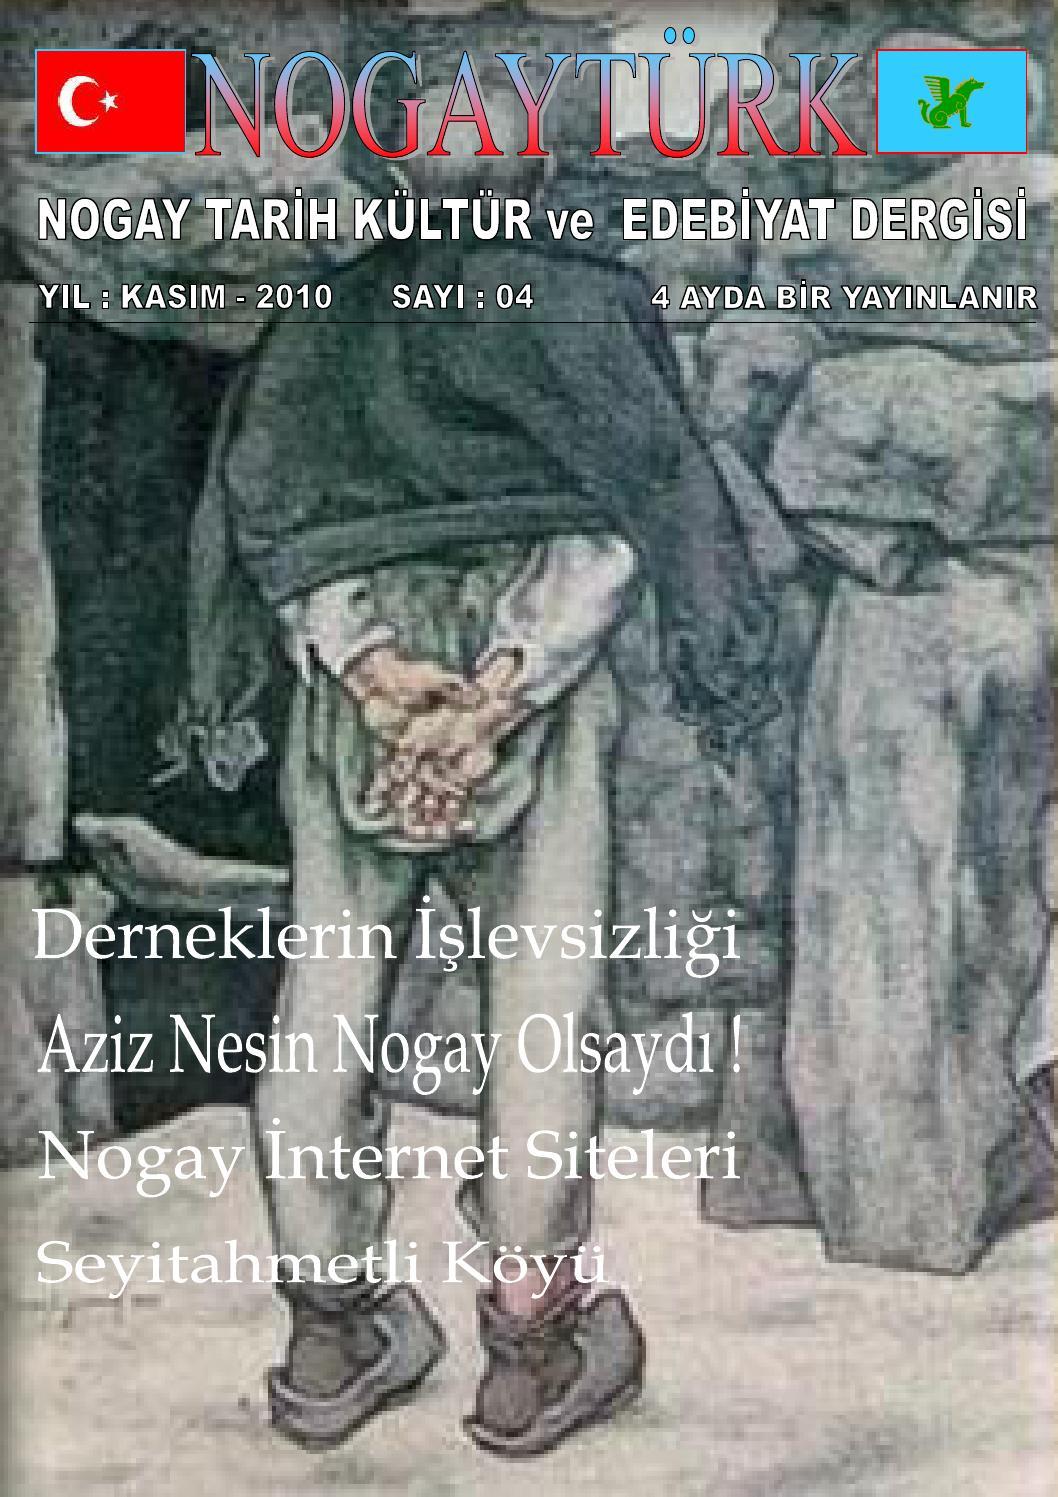 Nogayturk Dergisi 4 sayi by NogayTürk Dergisi - ISSN : 2148